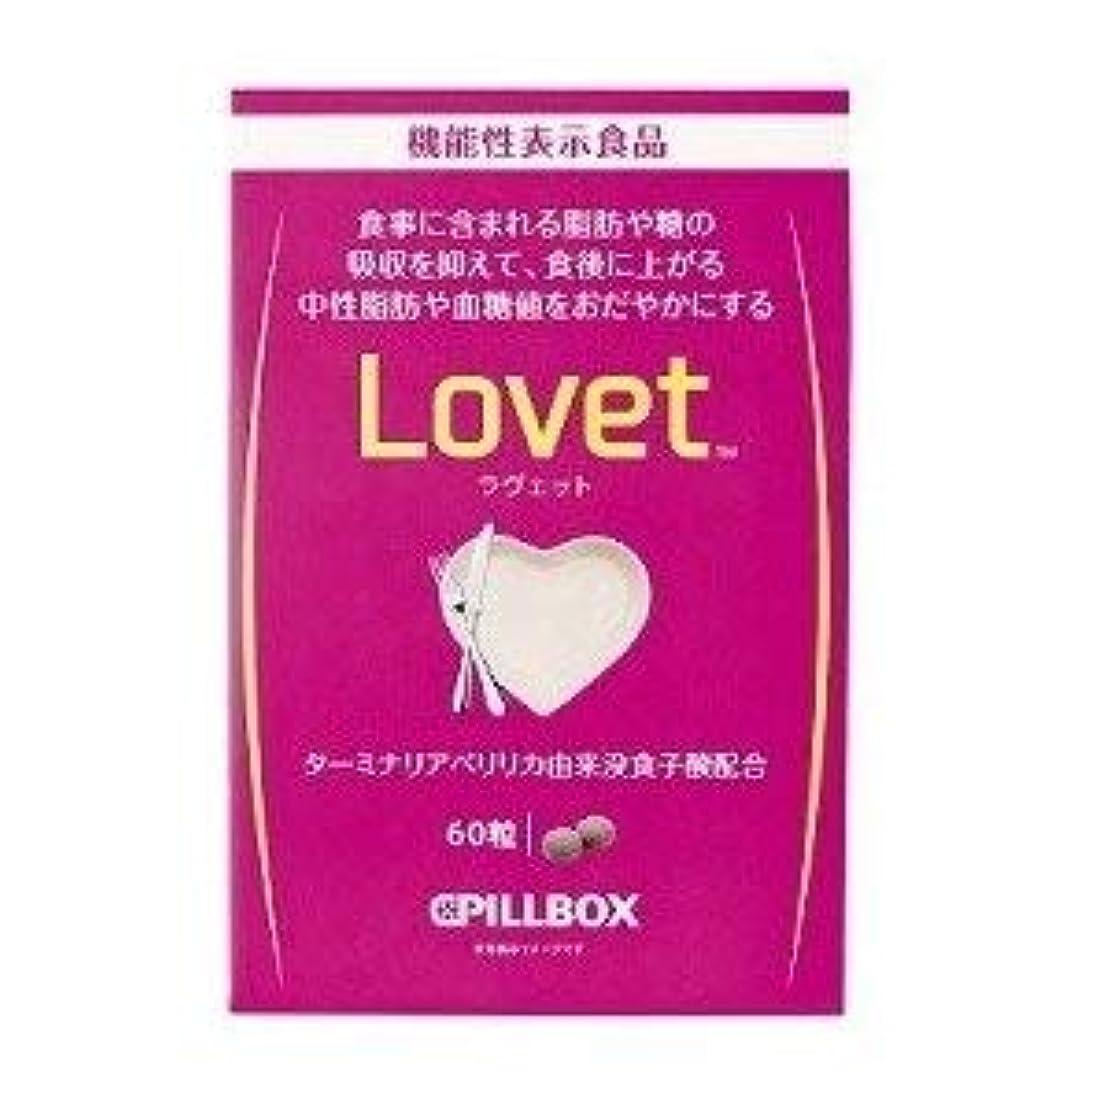 強制的またね下にピルボックス Lovet(ラヴェット)60粒 10個セット